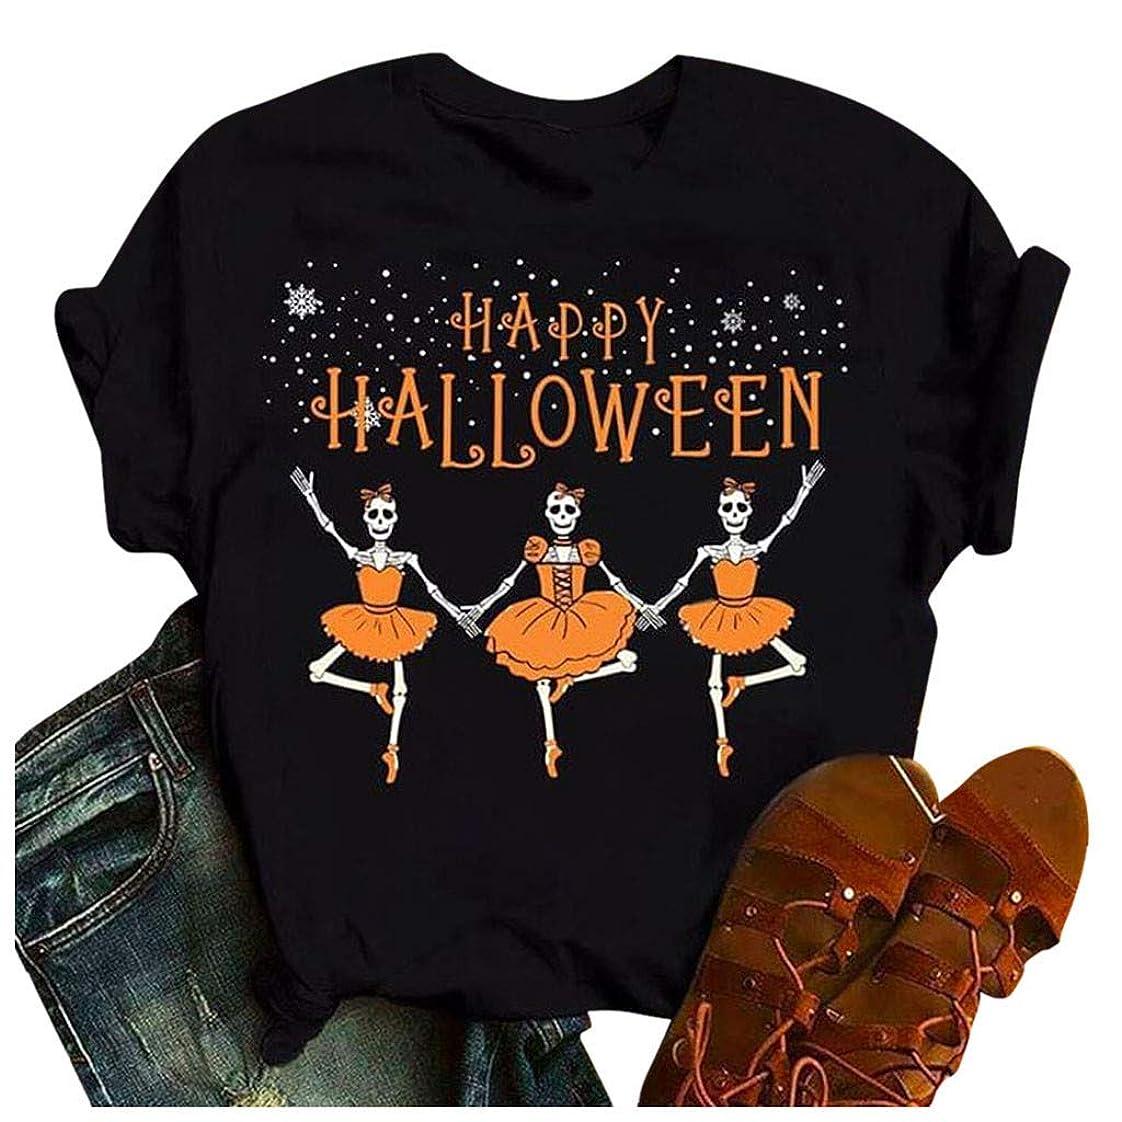 不器用ステレオ宙返りTシャツ Noldares 仮装 半袖 コスプレ 衣装 大人 スカル柄 レディース カットソー おもしろ ハロウィン コスチューム ブラウス トップス プリント ゆったり 吸汗速乾 体型カバー イベント Happy Halloween パーティー お出掛け